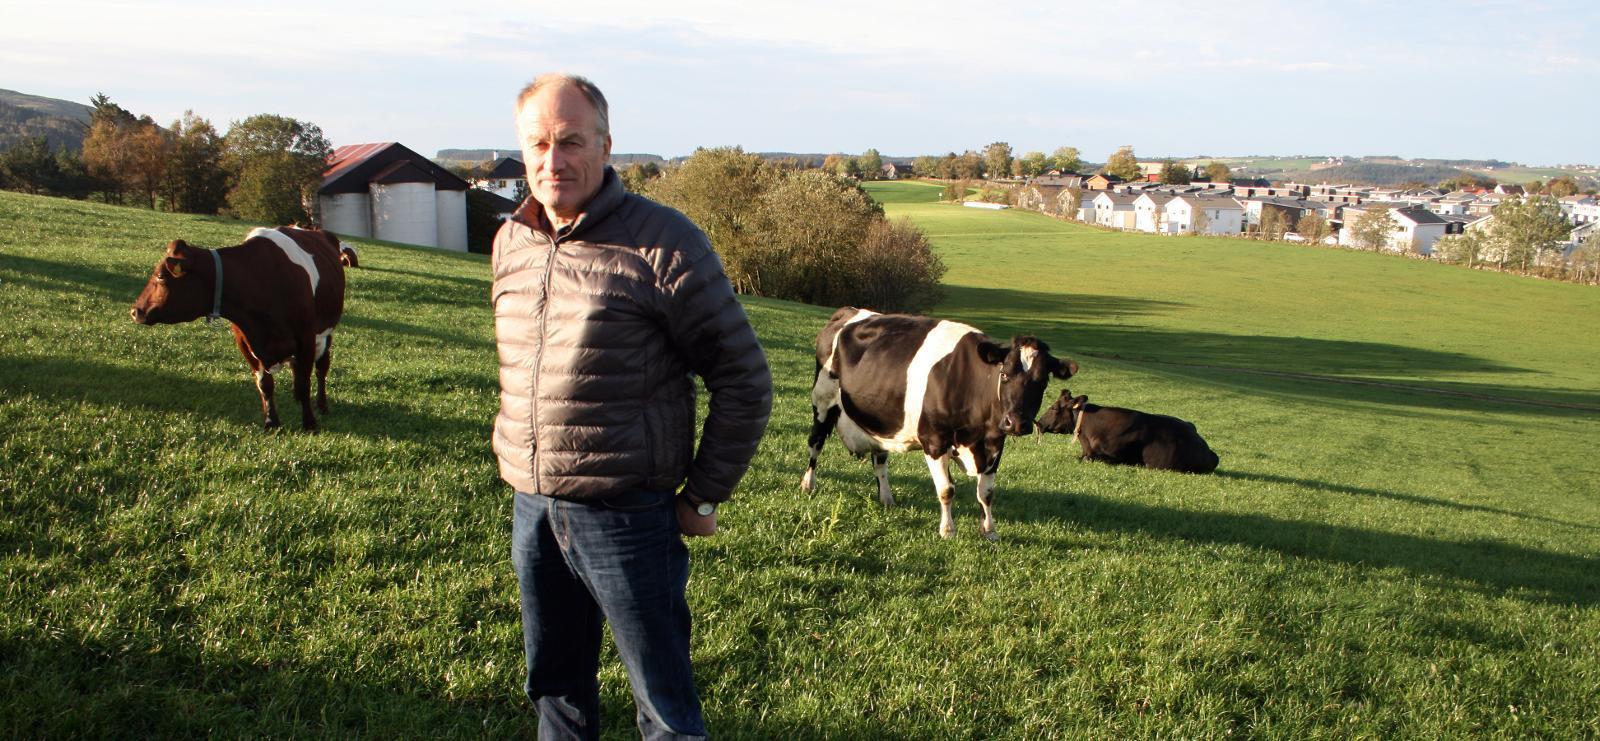 Nedbyggingstruga: Mjølkebonde og tidlegare Tine-styreleiar Jostein Frøyland risikerer å miste 200 mål jordbruksjord til utbyggingsplanen Bybåndet sør på Jæren. Foto: Bjarne Bekkeheien Aase